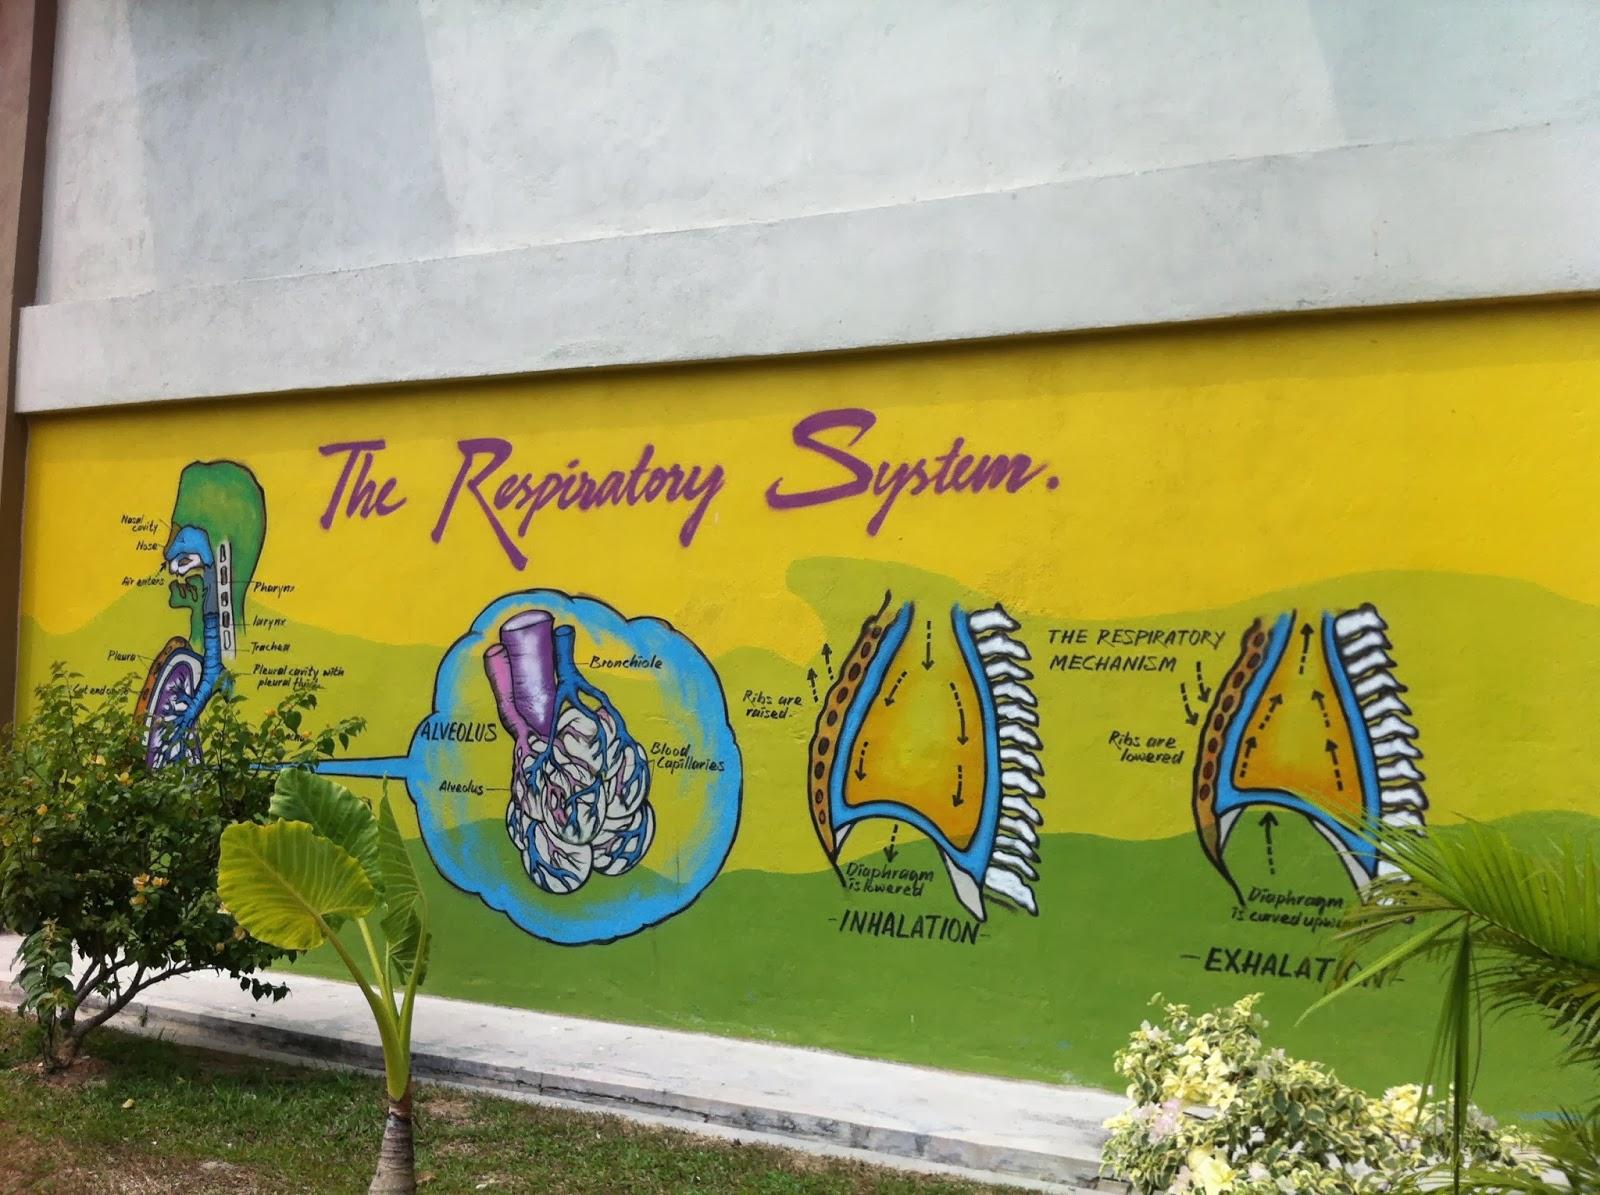 Panitia sains semashur makmal sains for Mural yang cantik